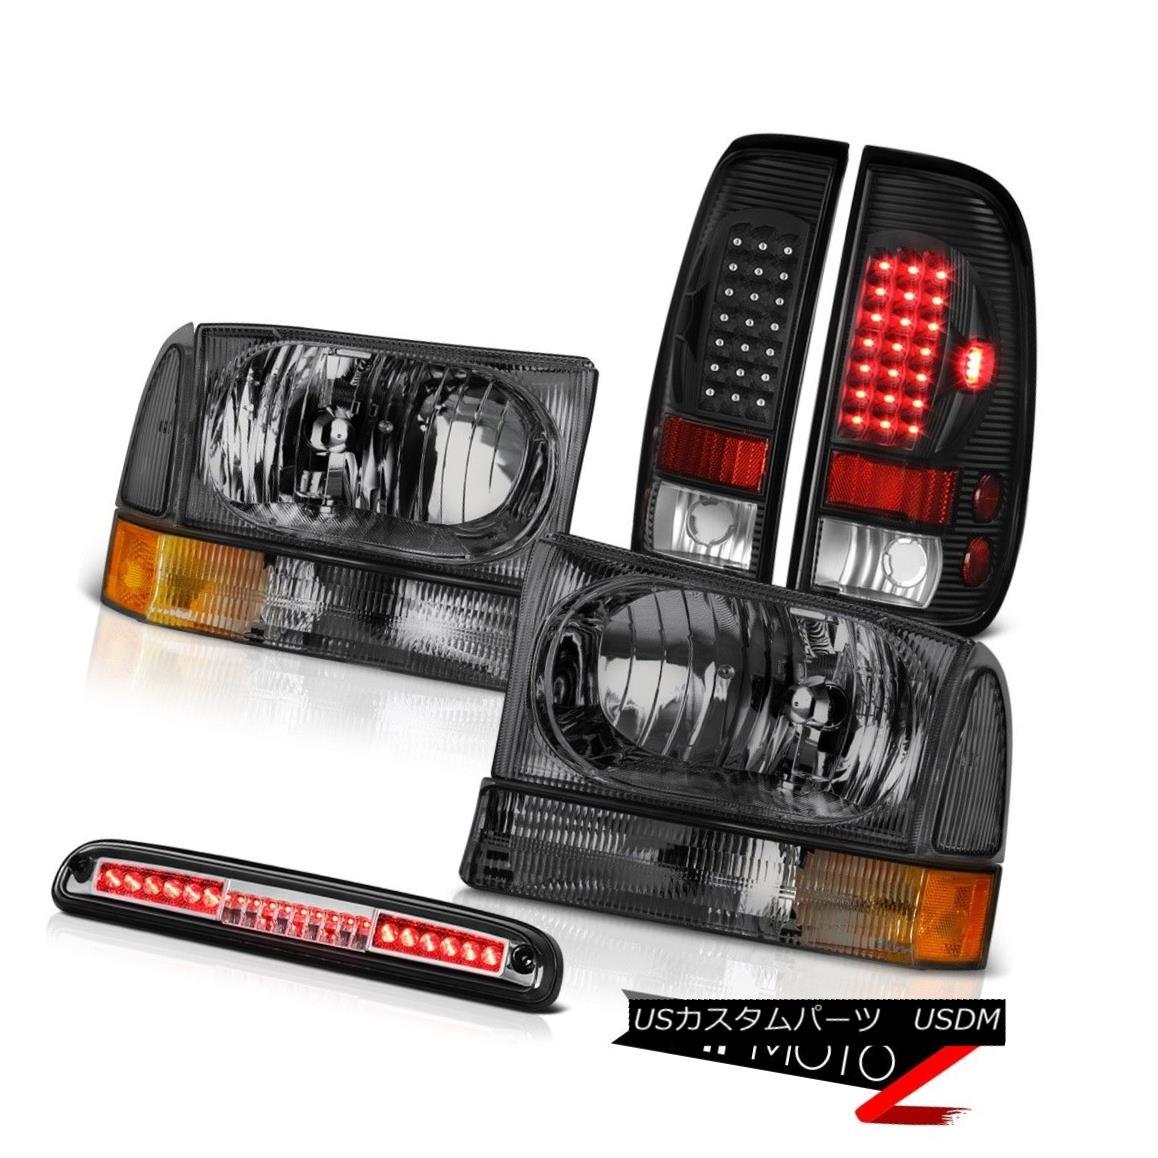 テールライト PAIR Smoke Headlights Black Tail Light Euro Third Brake LED 99-04 Ford SuperDuty PAIRスモークヘッドライトブラックテールライトユーロサードブレーキLED 99-04 Ford SuperDuty